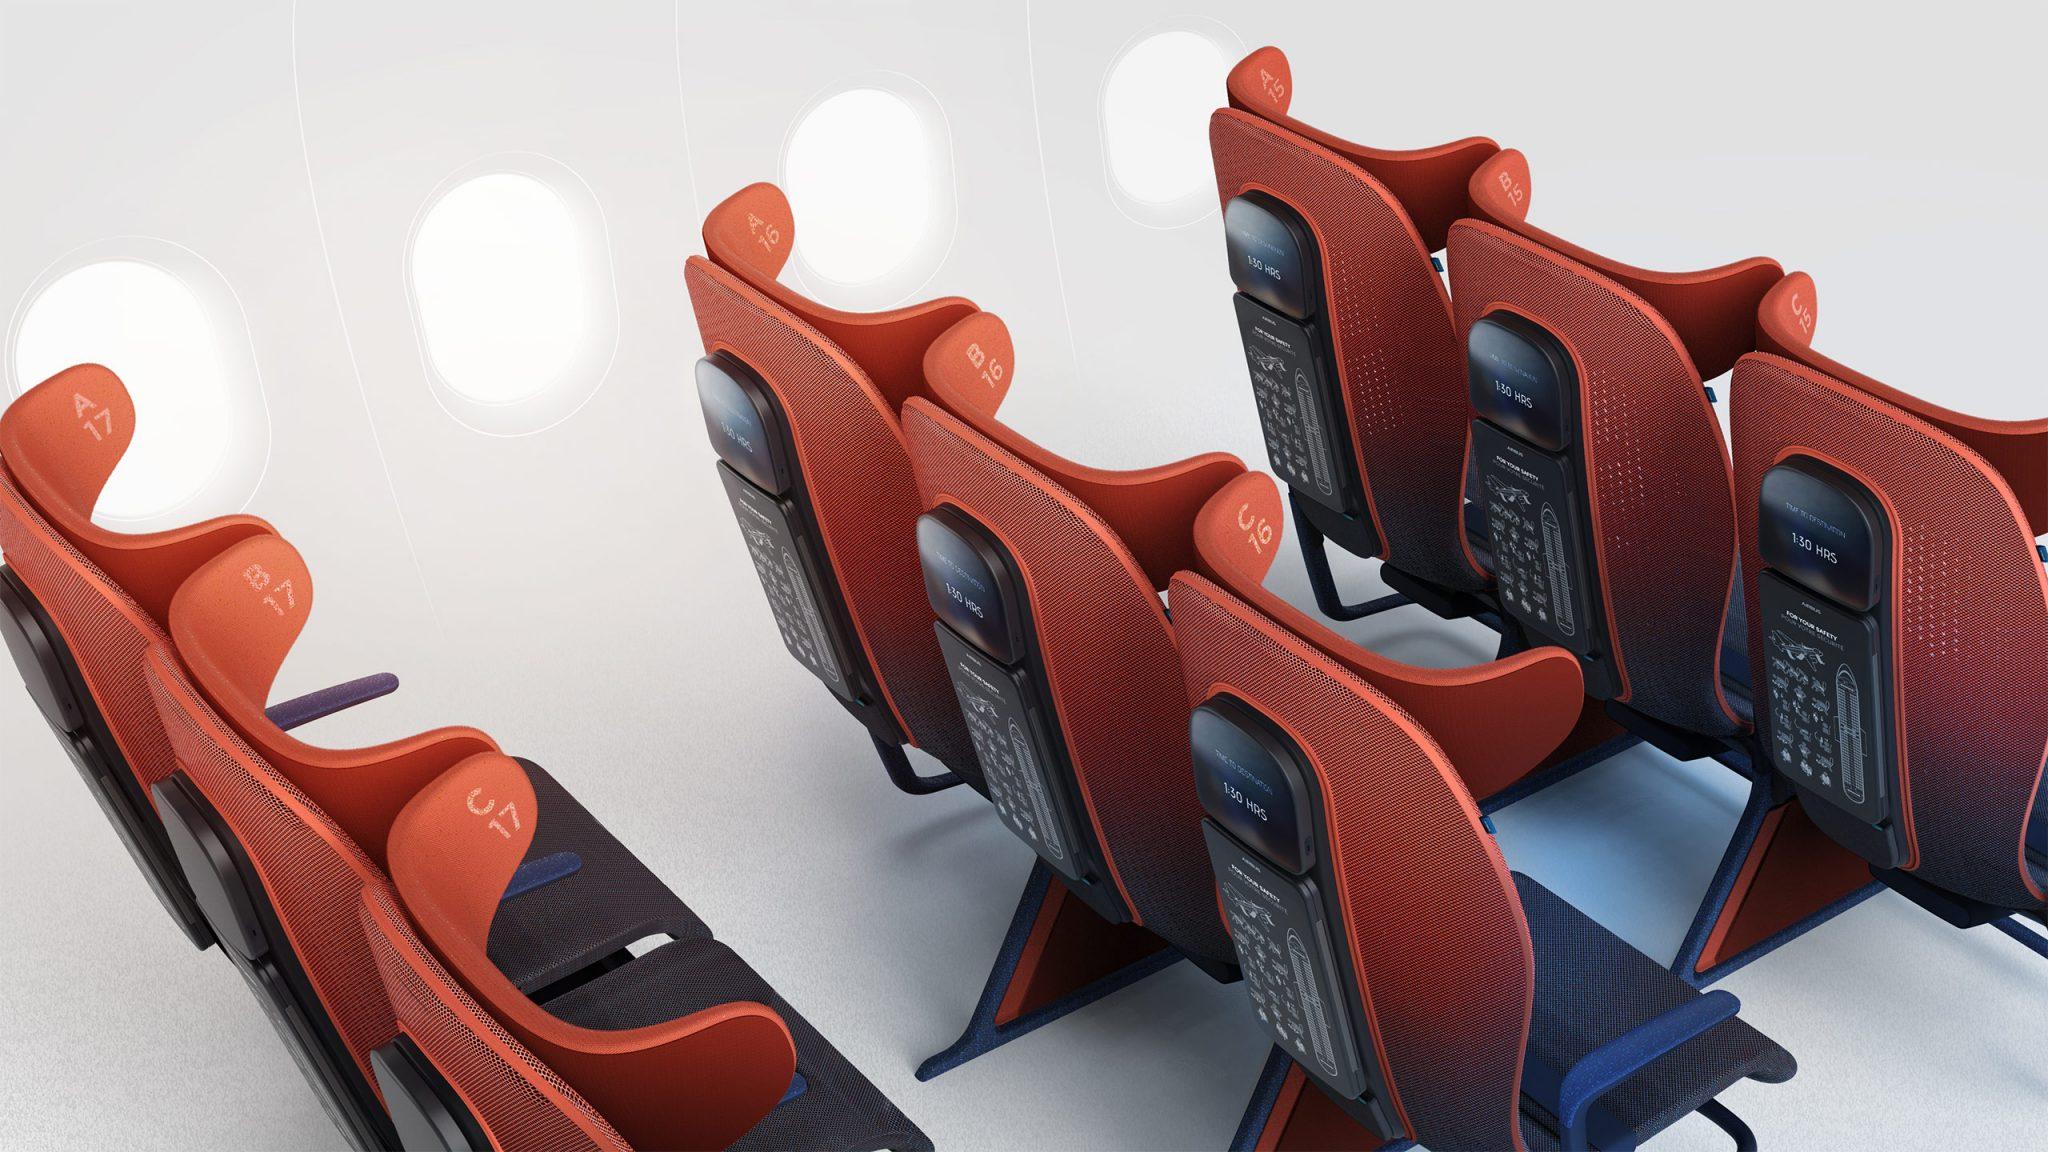 Tecnología de la Fórmula 1 para los asientos de avión de Airbus